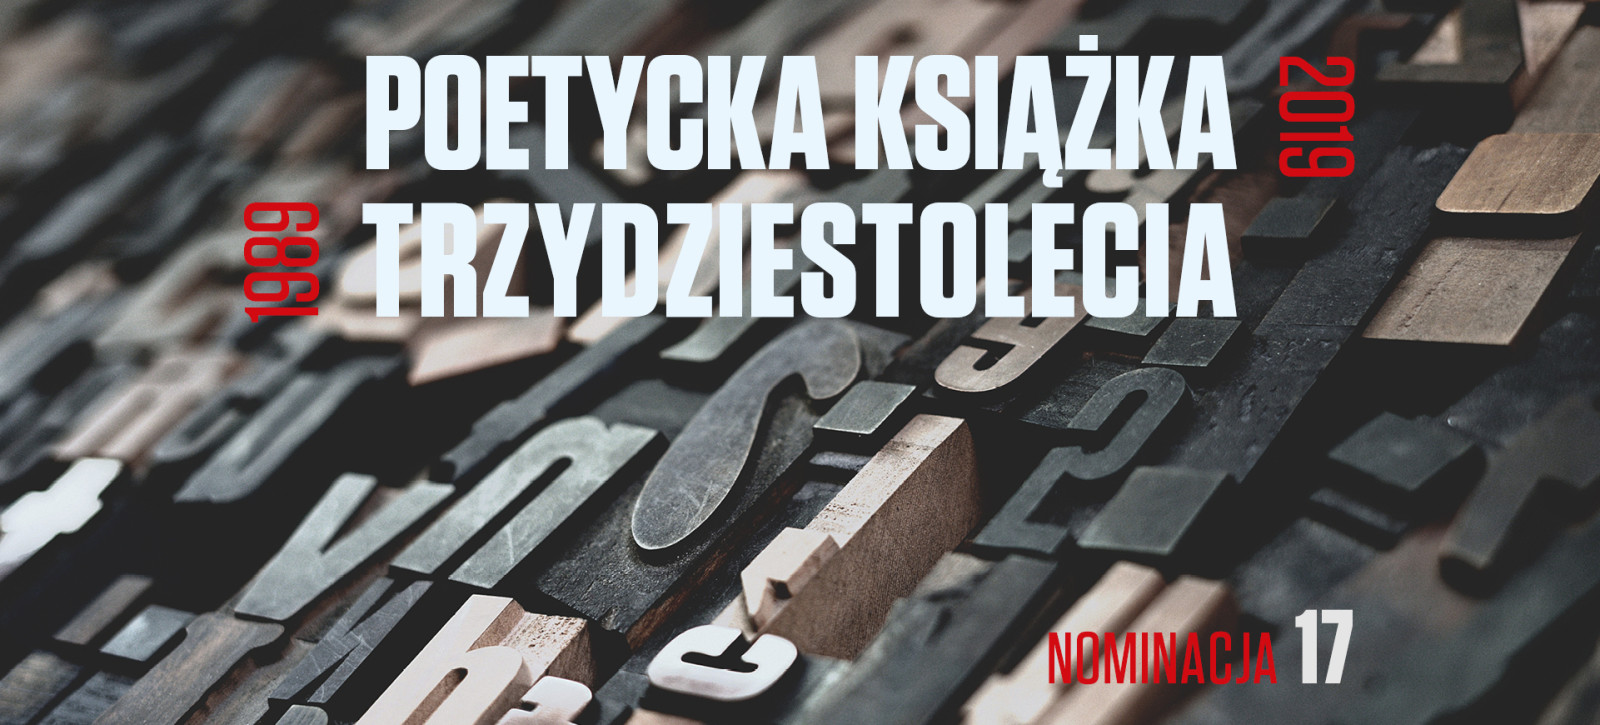 16_DEBATY__Szymon ŻUCHOWSKI__Poetycka książka trzydziestolecia